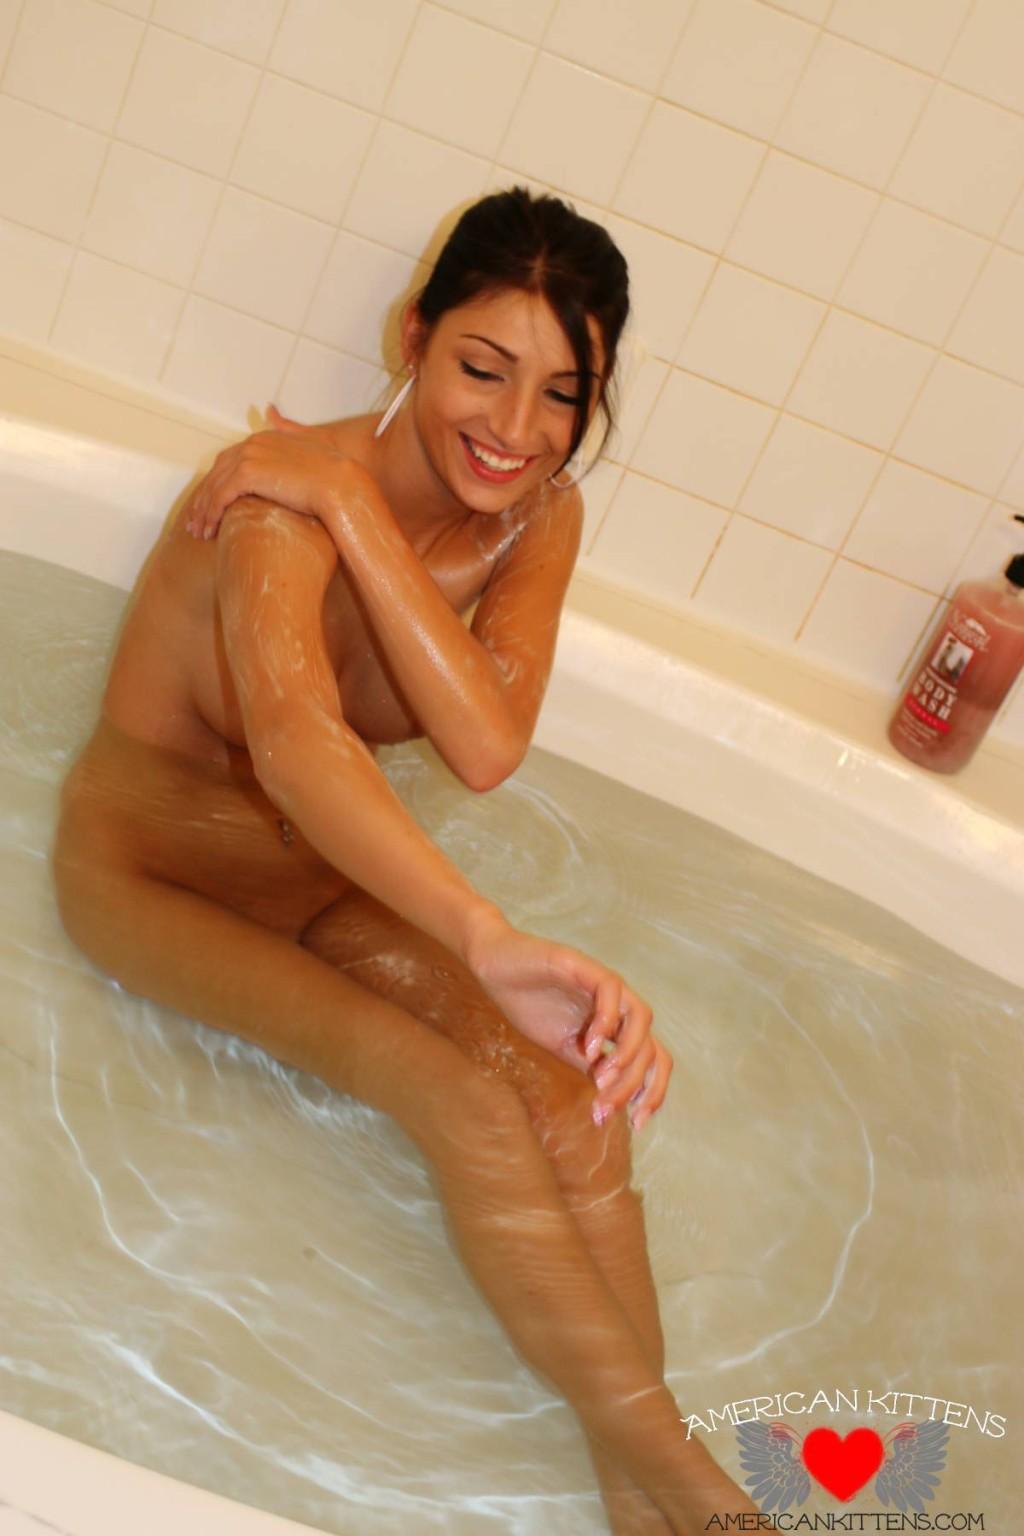 Сексуальная молодая брюнетка в ванной